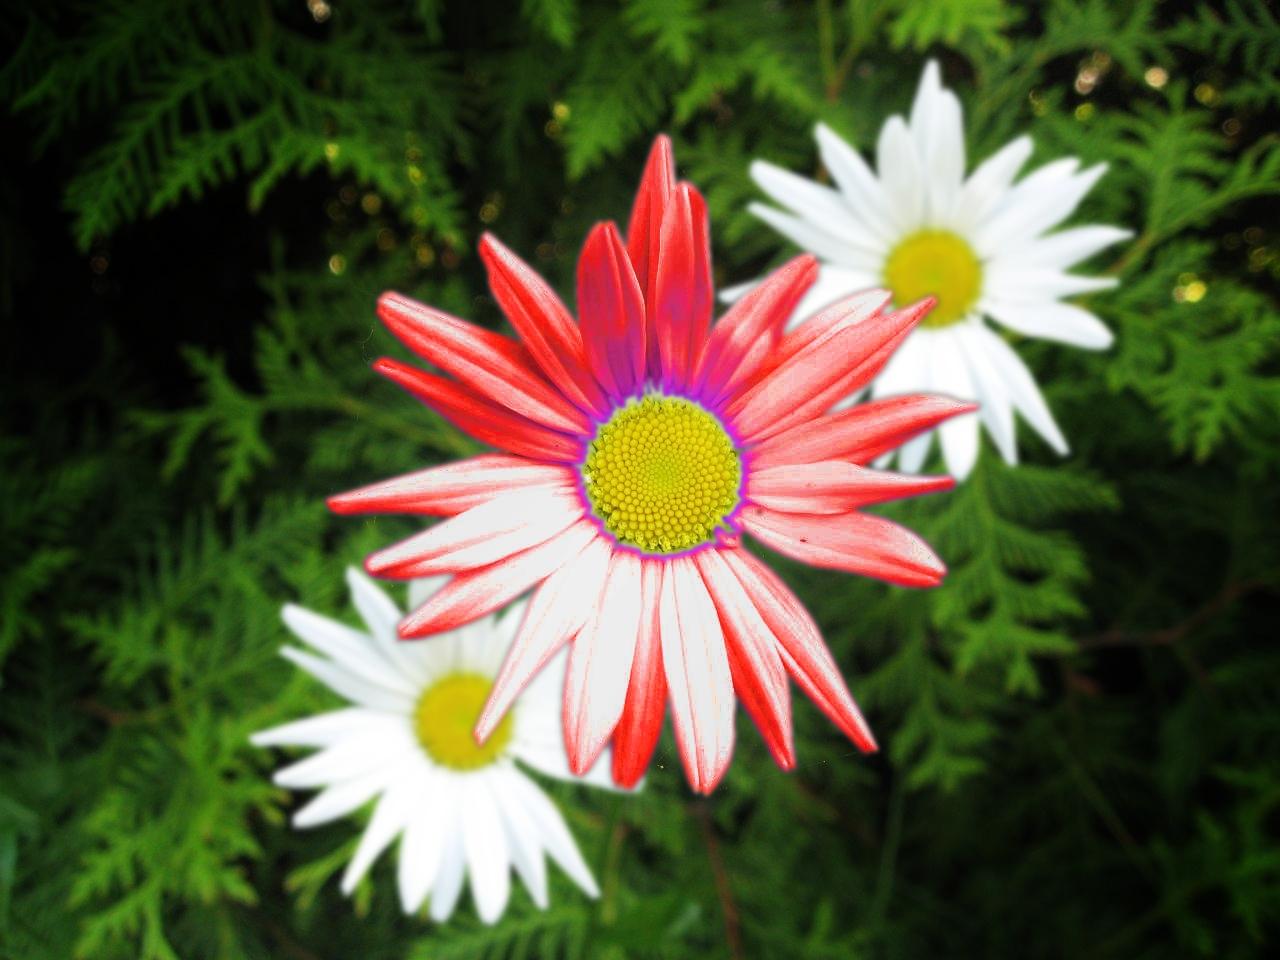 Taki oto kwiatek